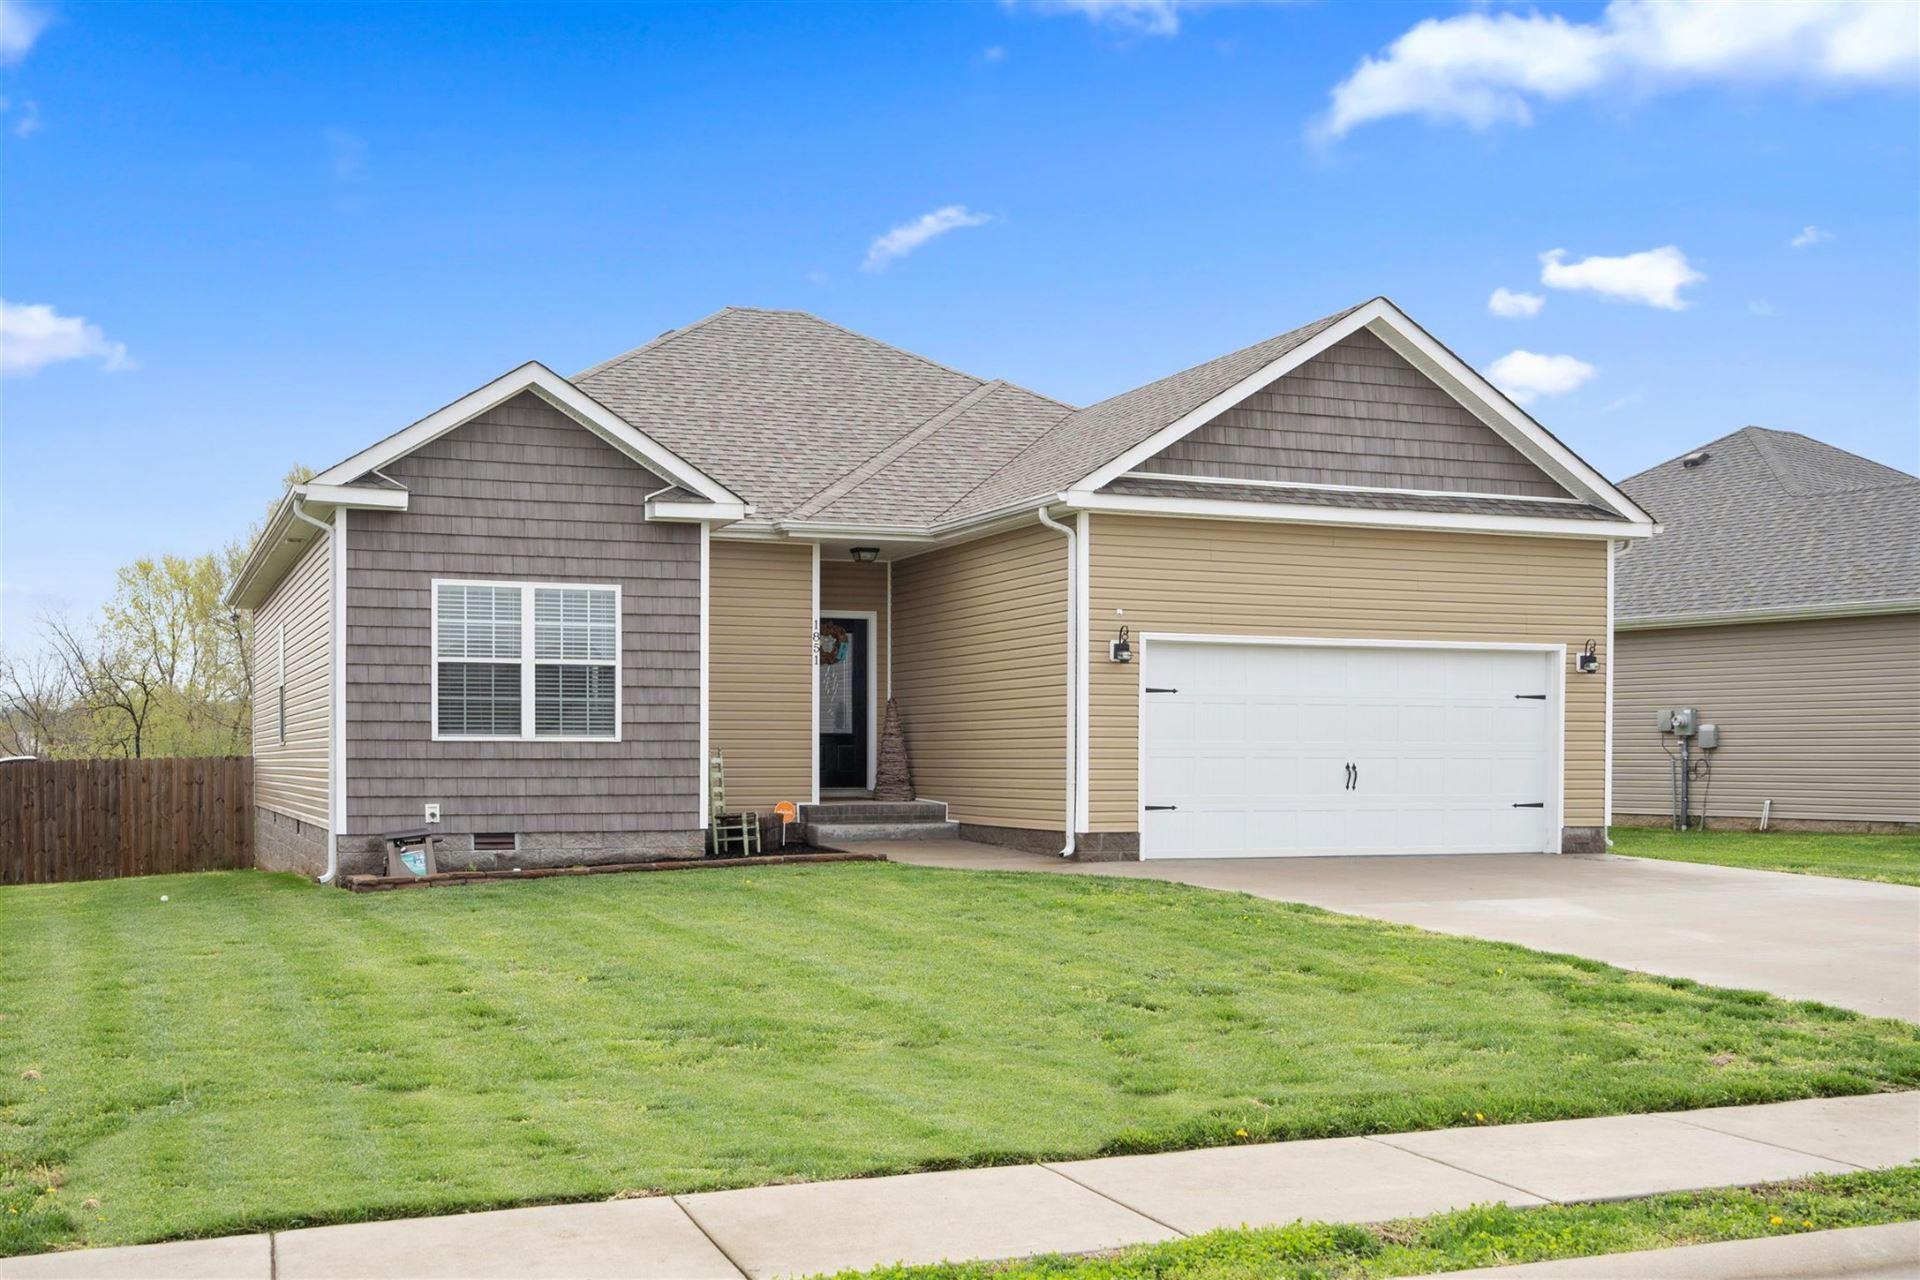 351 Pinkston Court, Clarksville, TN 37040 - MLS#: 2208495